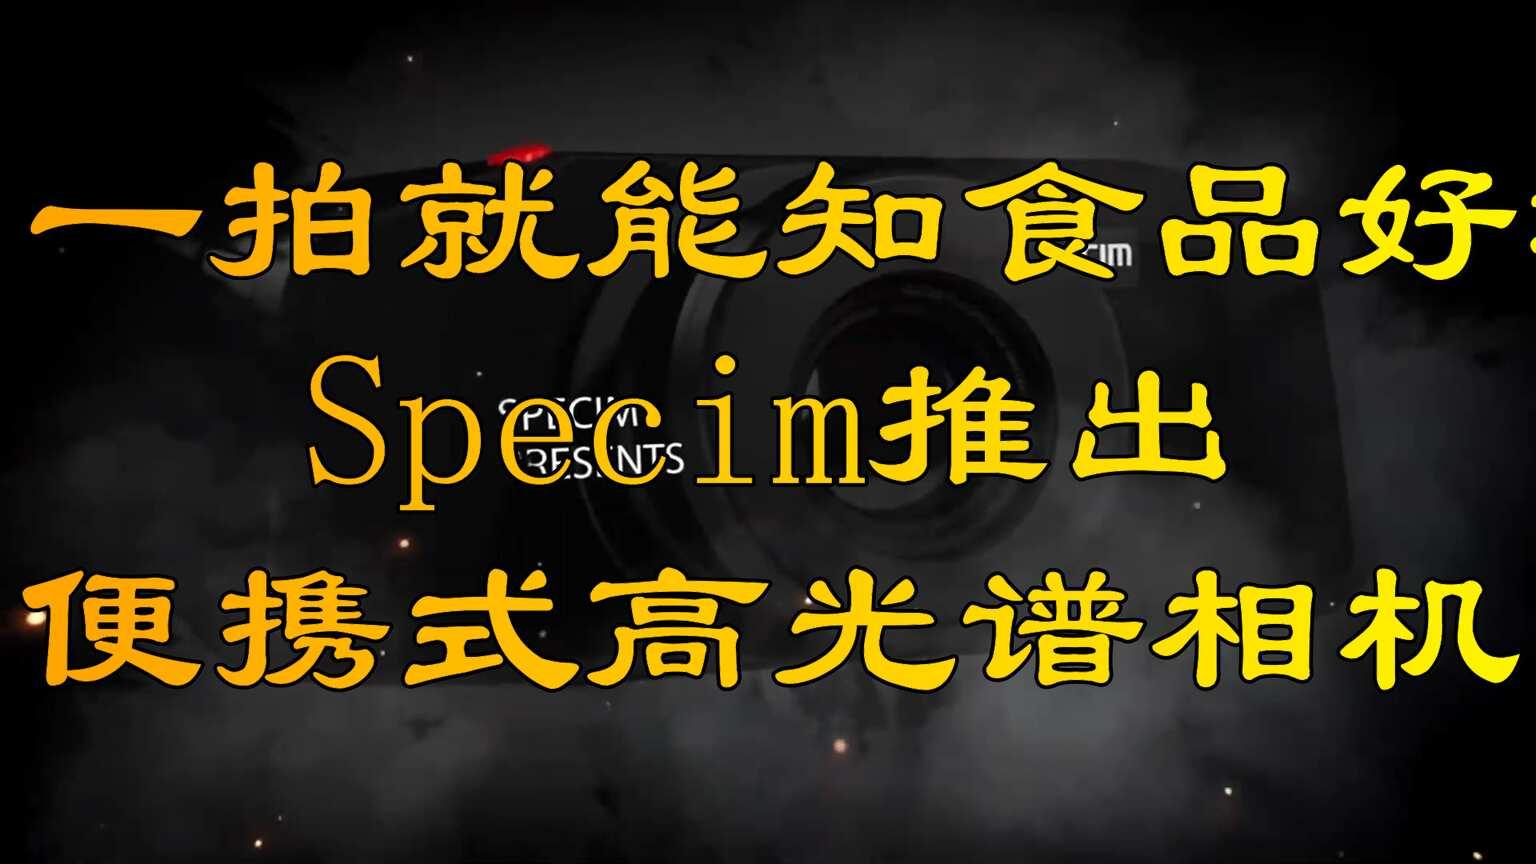 拍一拍就能知食品好坏,Specim推出便携式高光谱相机